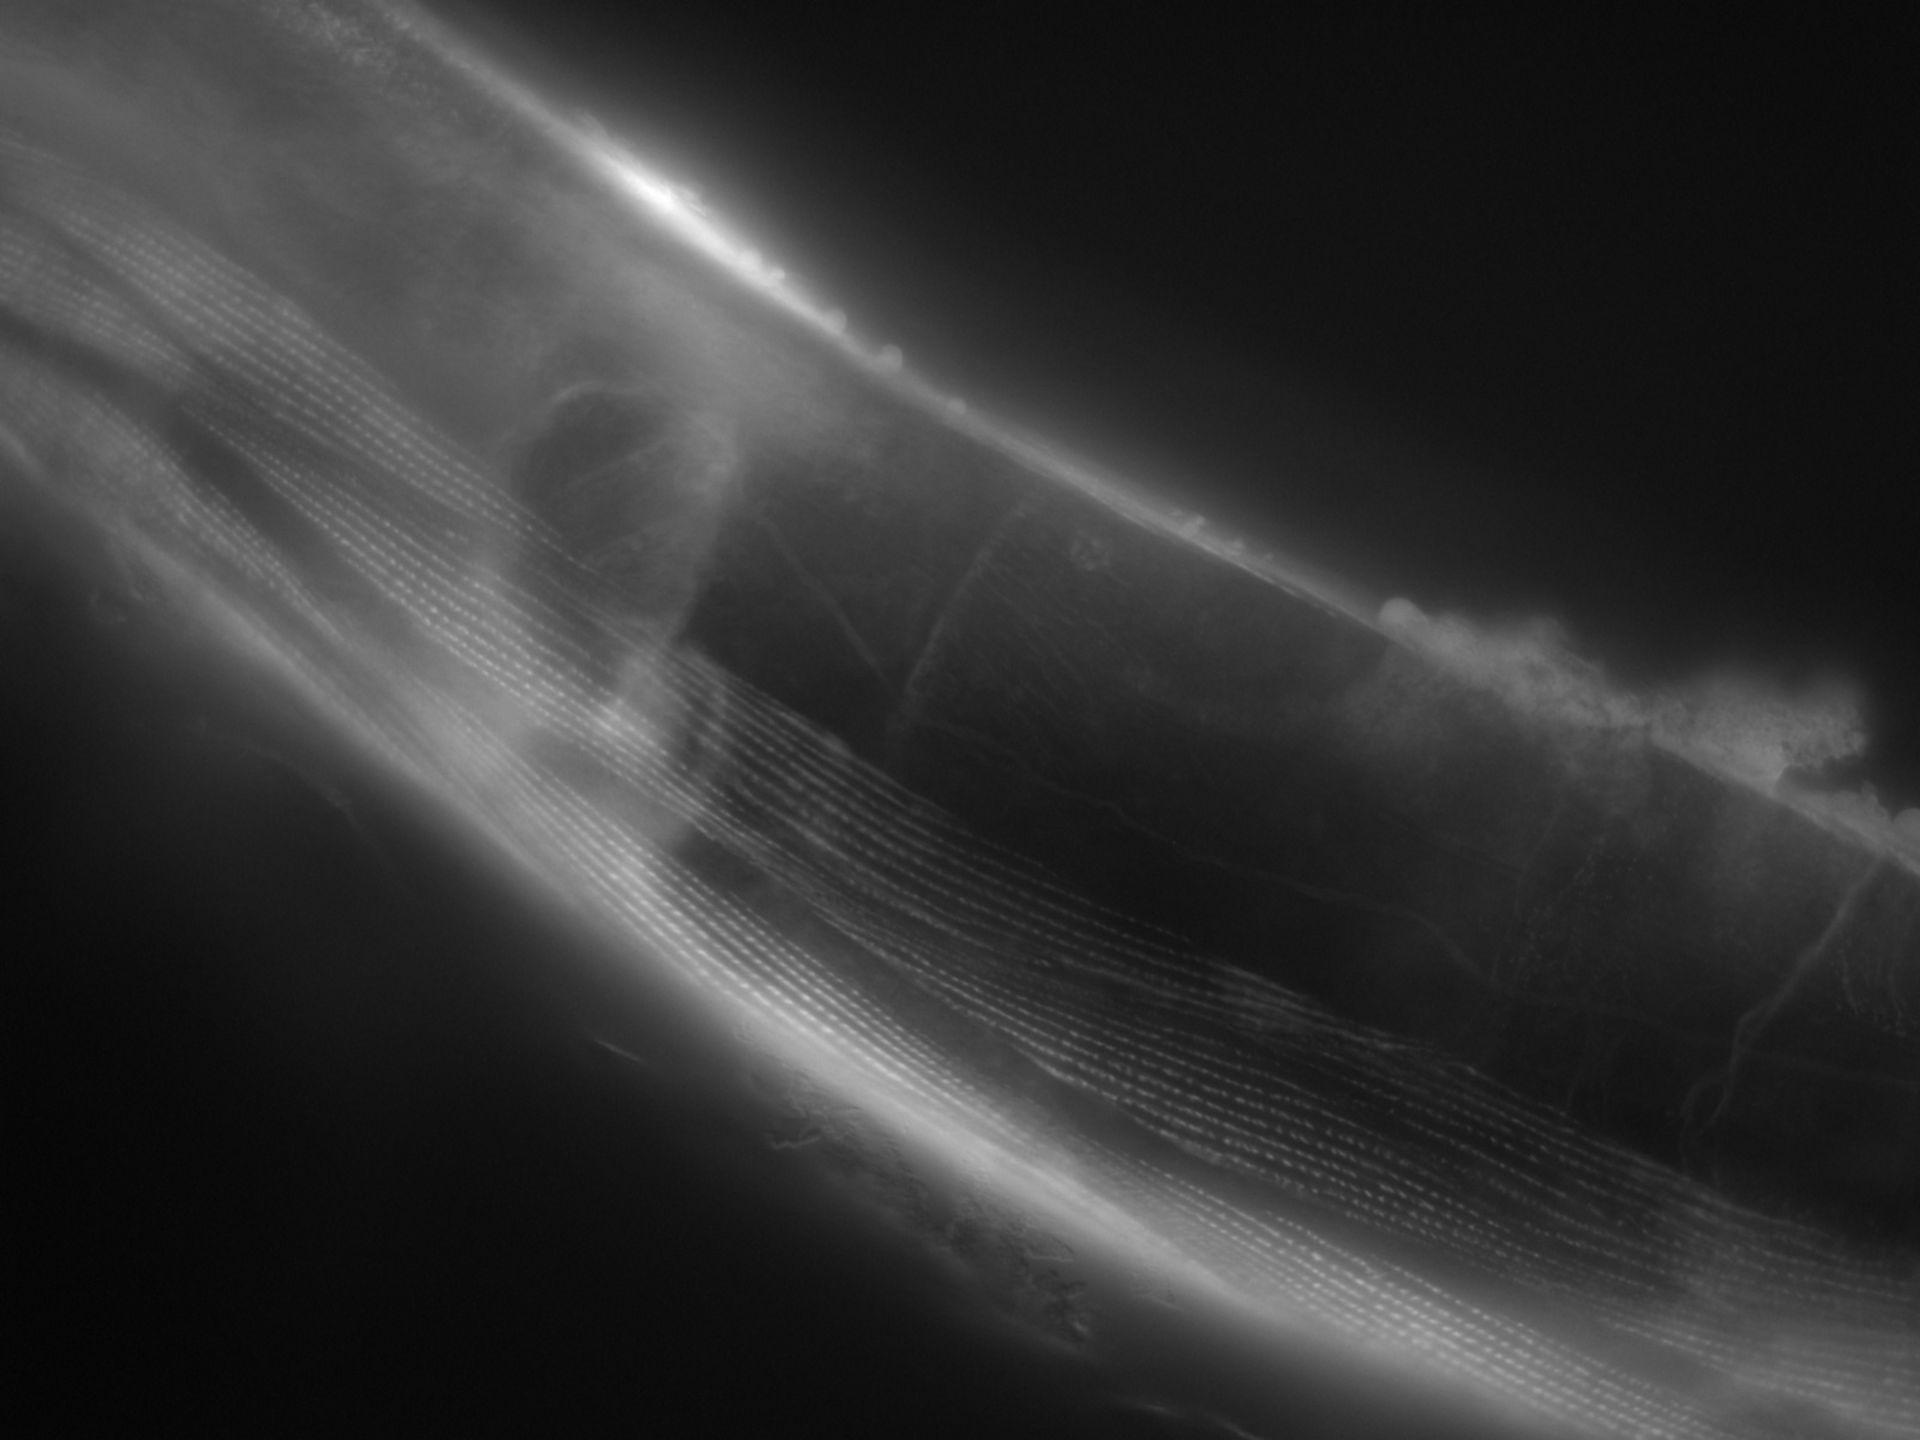 Caenorhabditis elegans (Actin filament) - CIL:1156